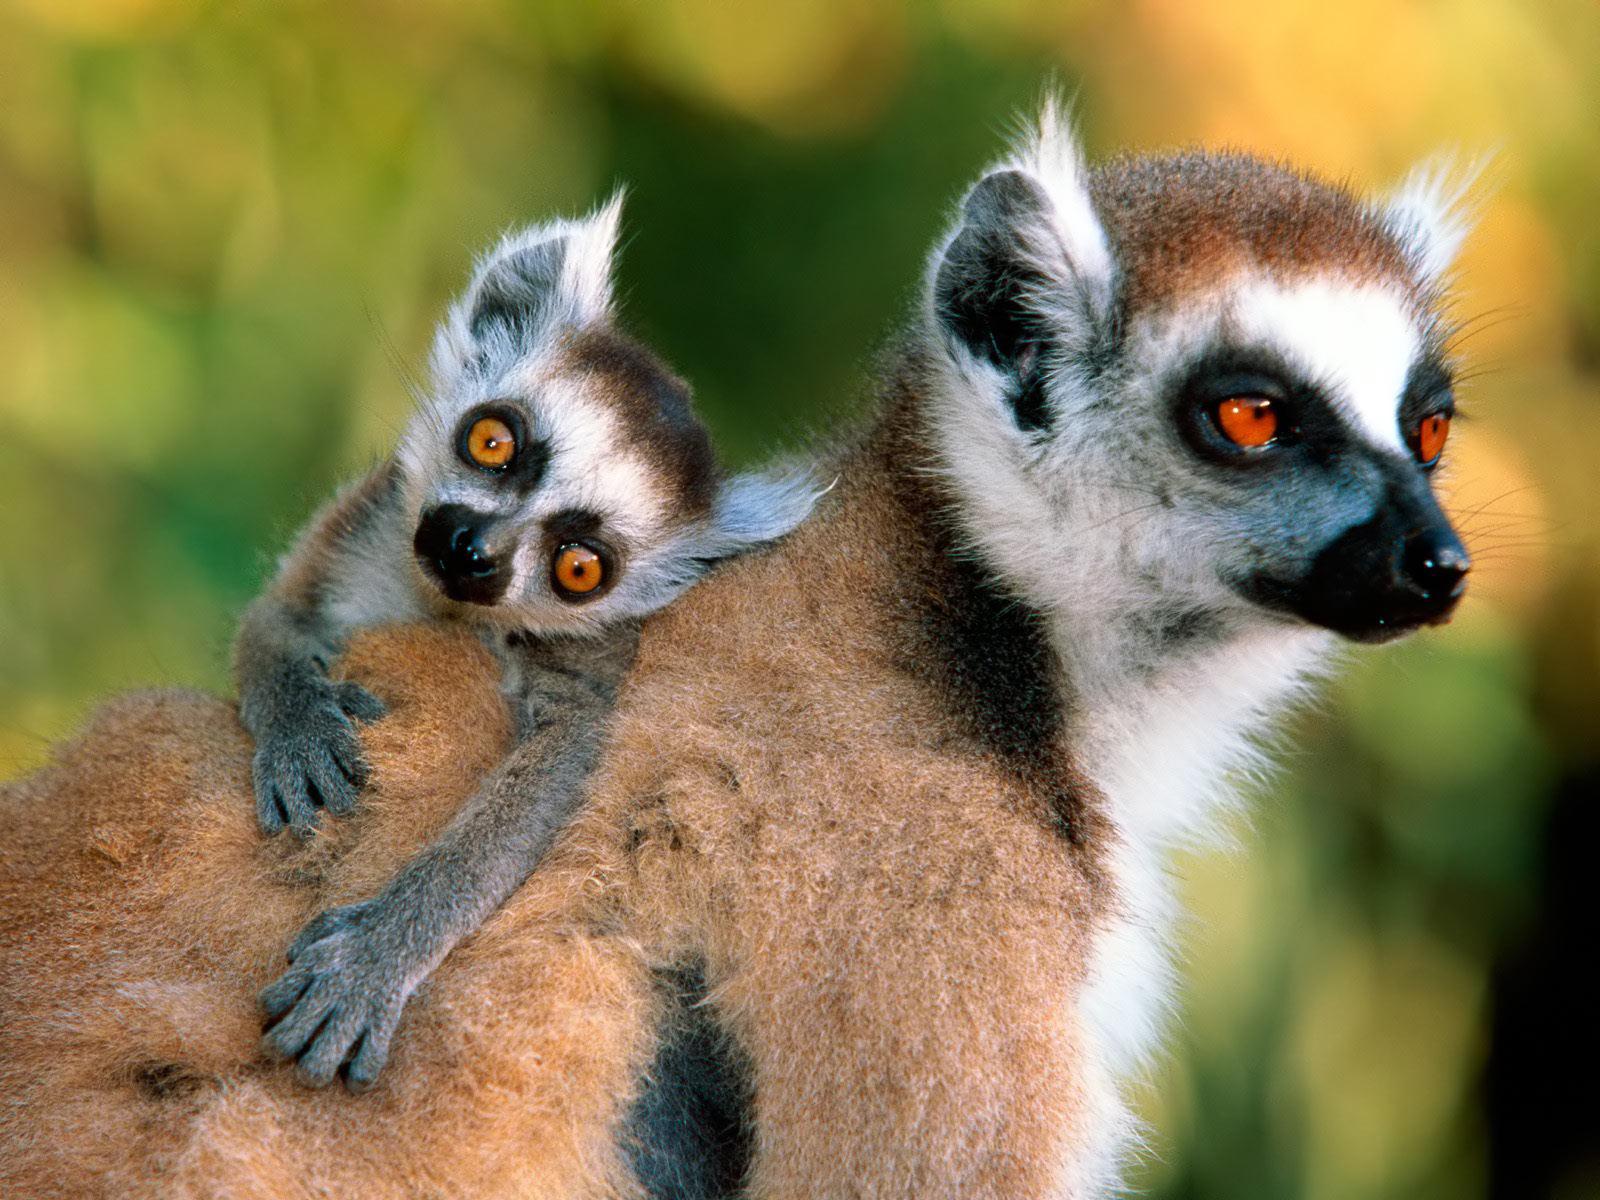 Lemurs_Indriidae